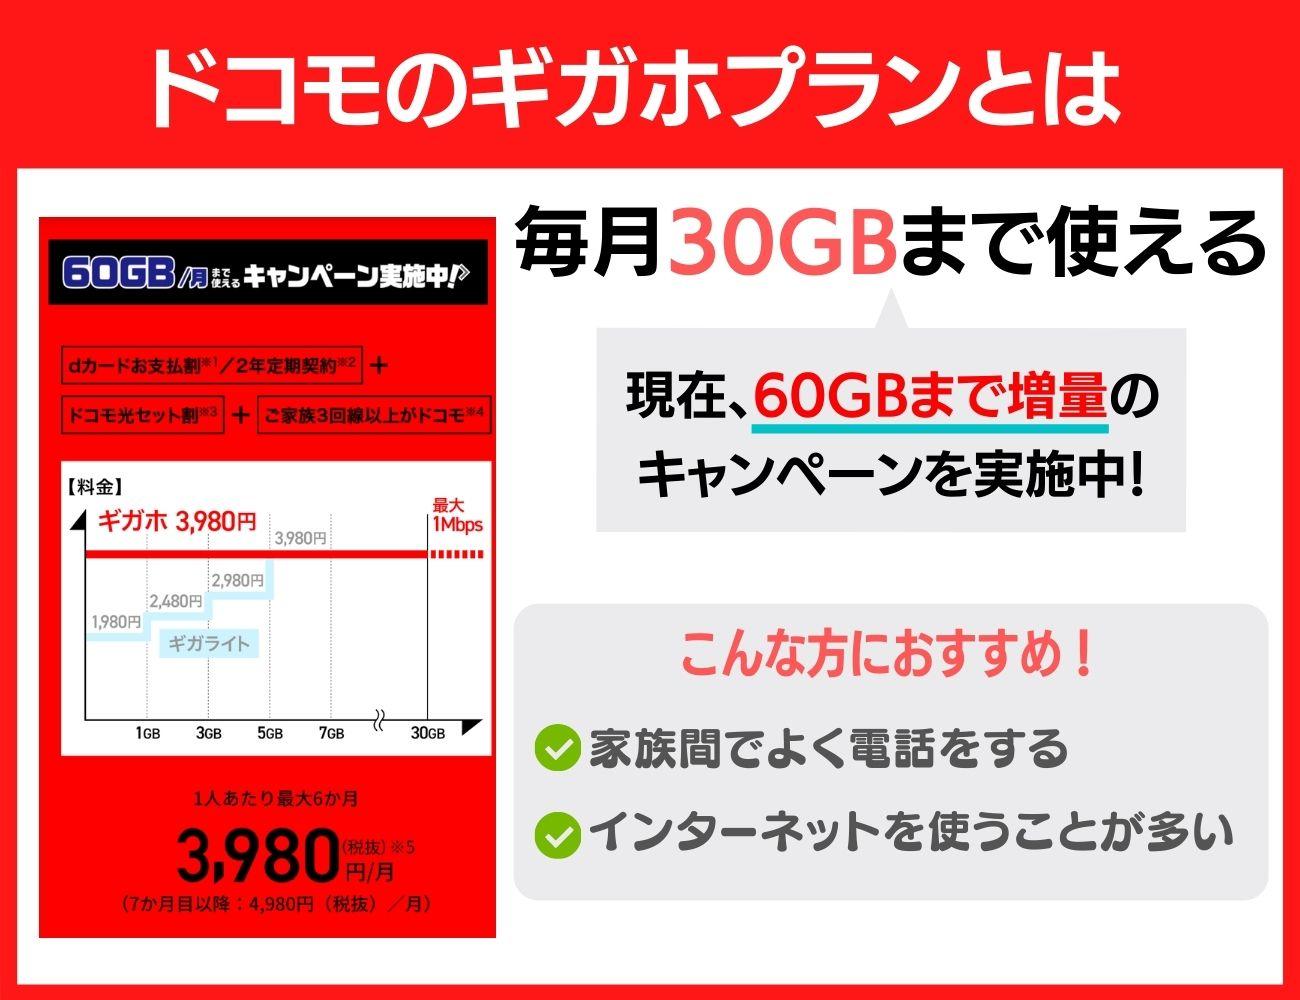 ドコモのギガホは最大30GBまで利用可能!2つのコースを理解しよう!